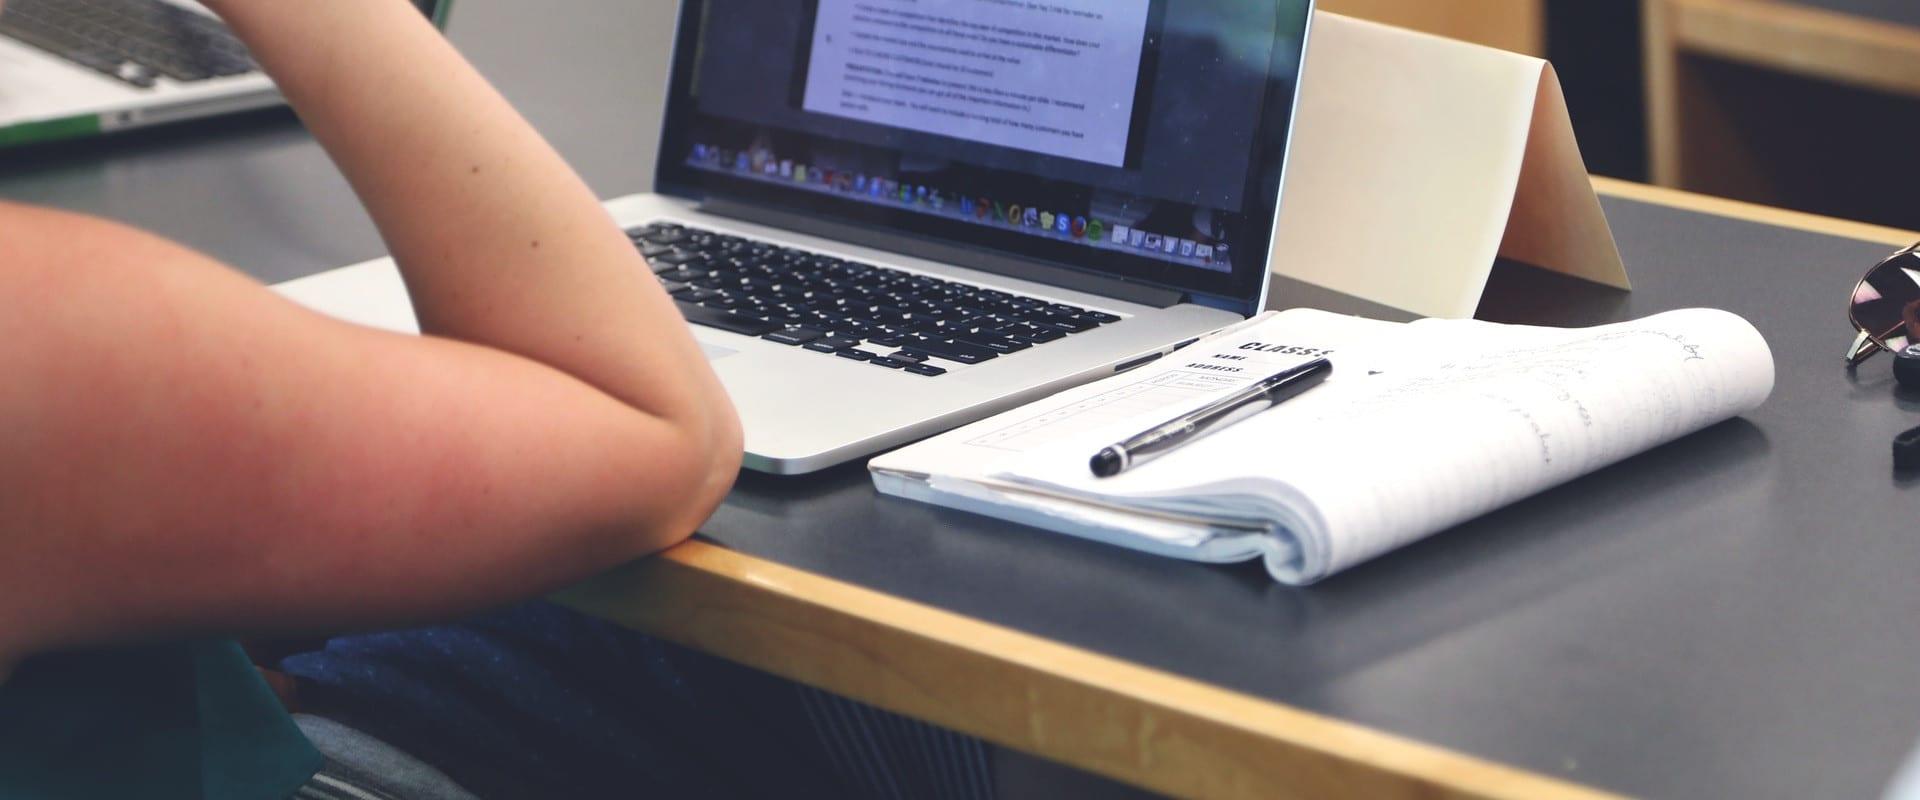 Rédiger des contenus en écriture inclusive, un défi pour les professionnels du SEO